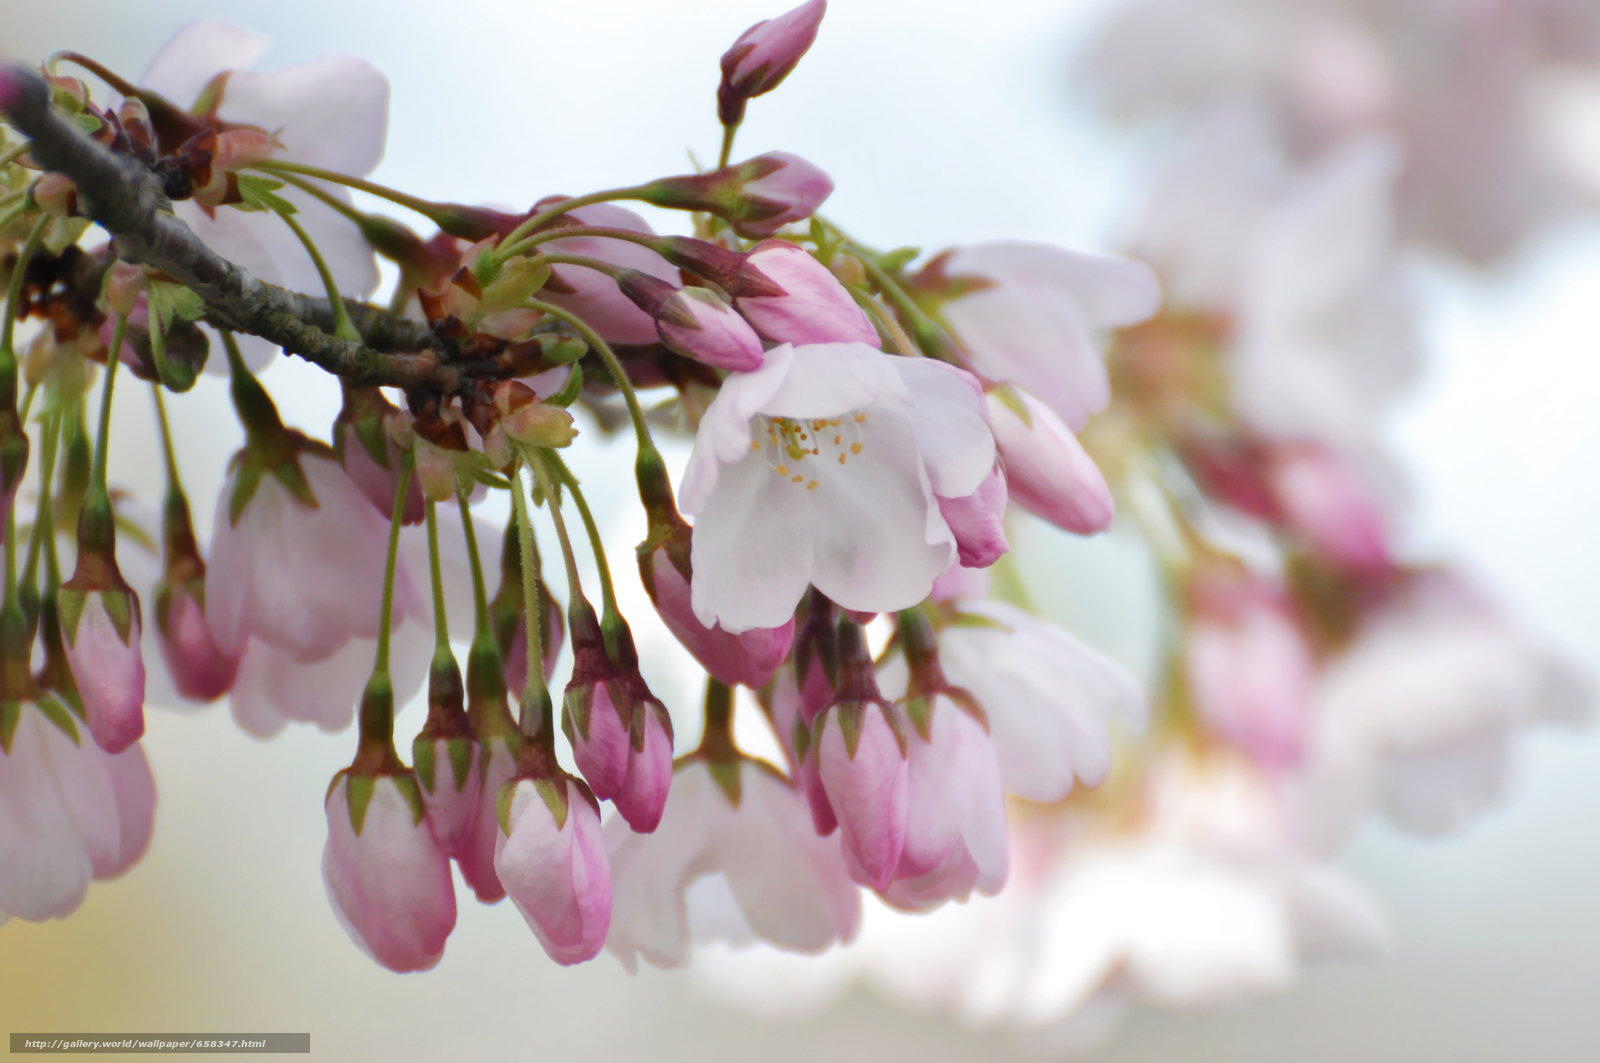 Tlcharger Fond d'ecran fleur,  Fleurs,  flore,  cerisiers en fleurs Fonds d'ecran gratuits pour votre rsolution du bureau 4288x2848 — image №658347